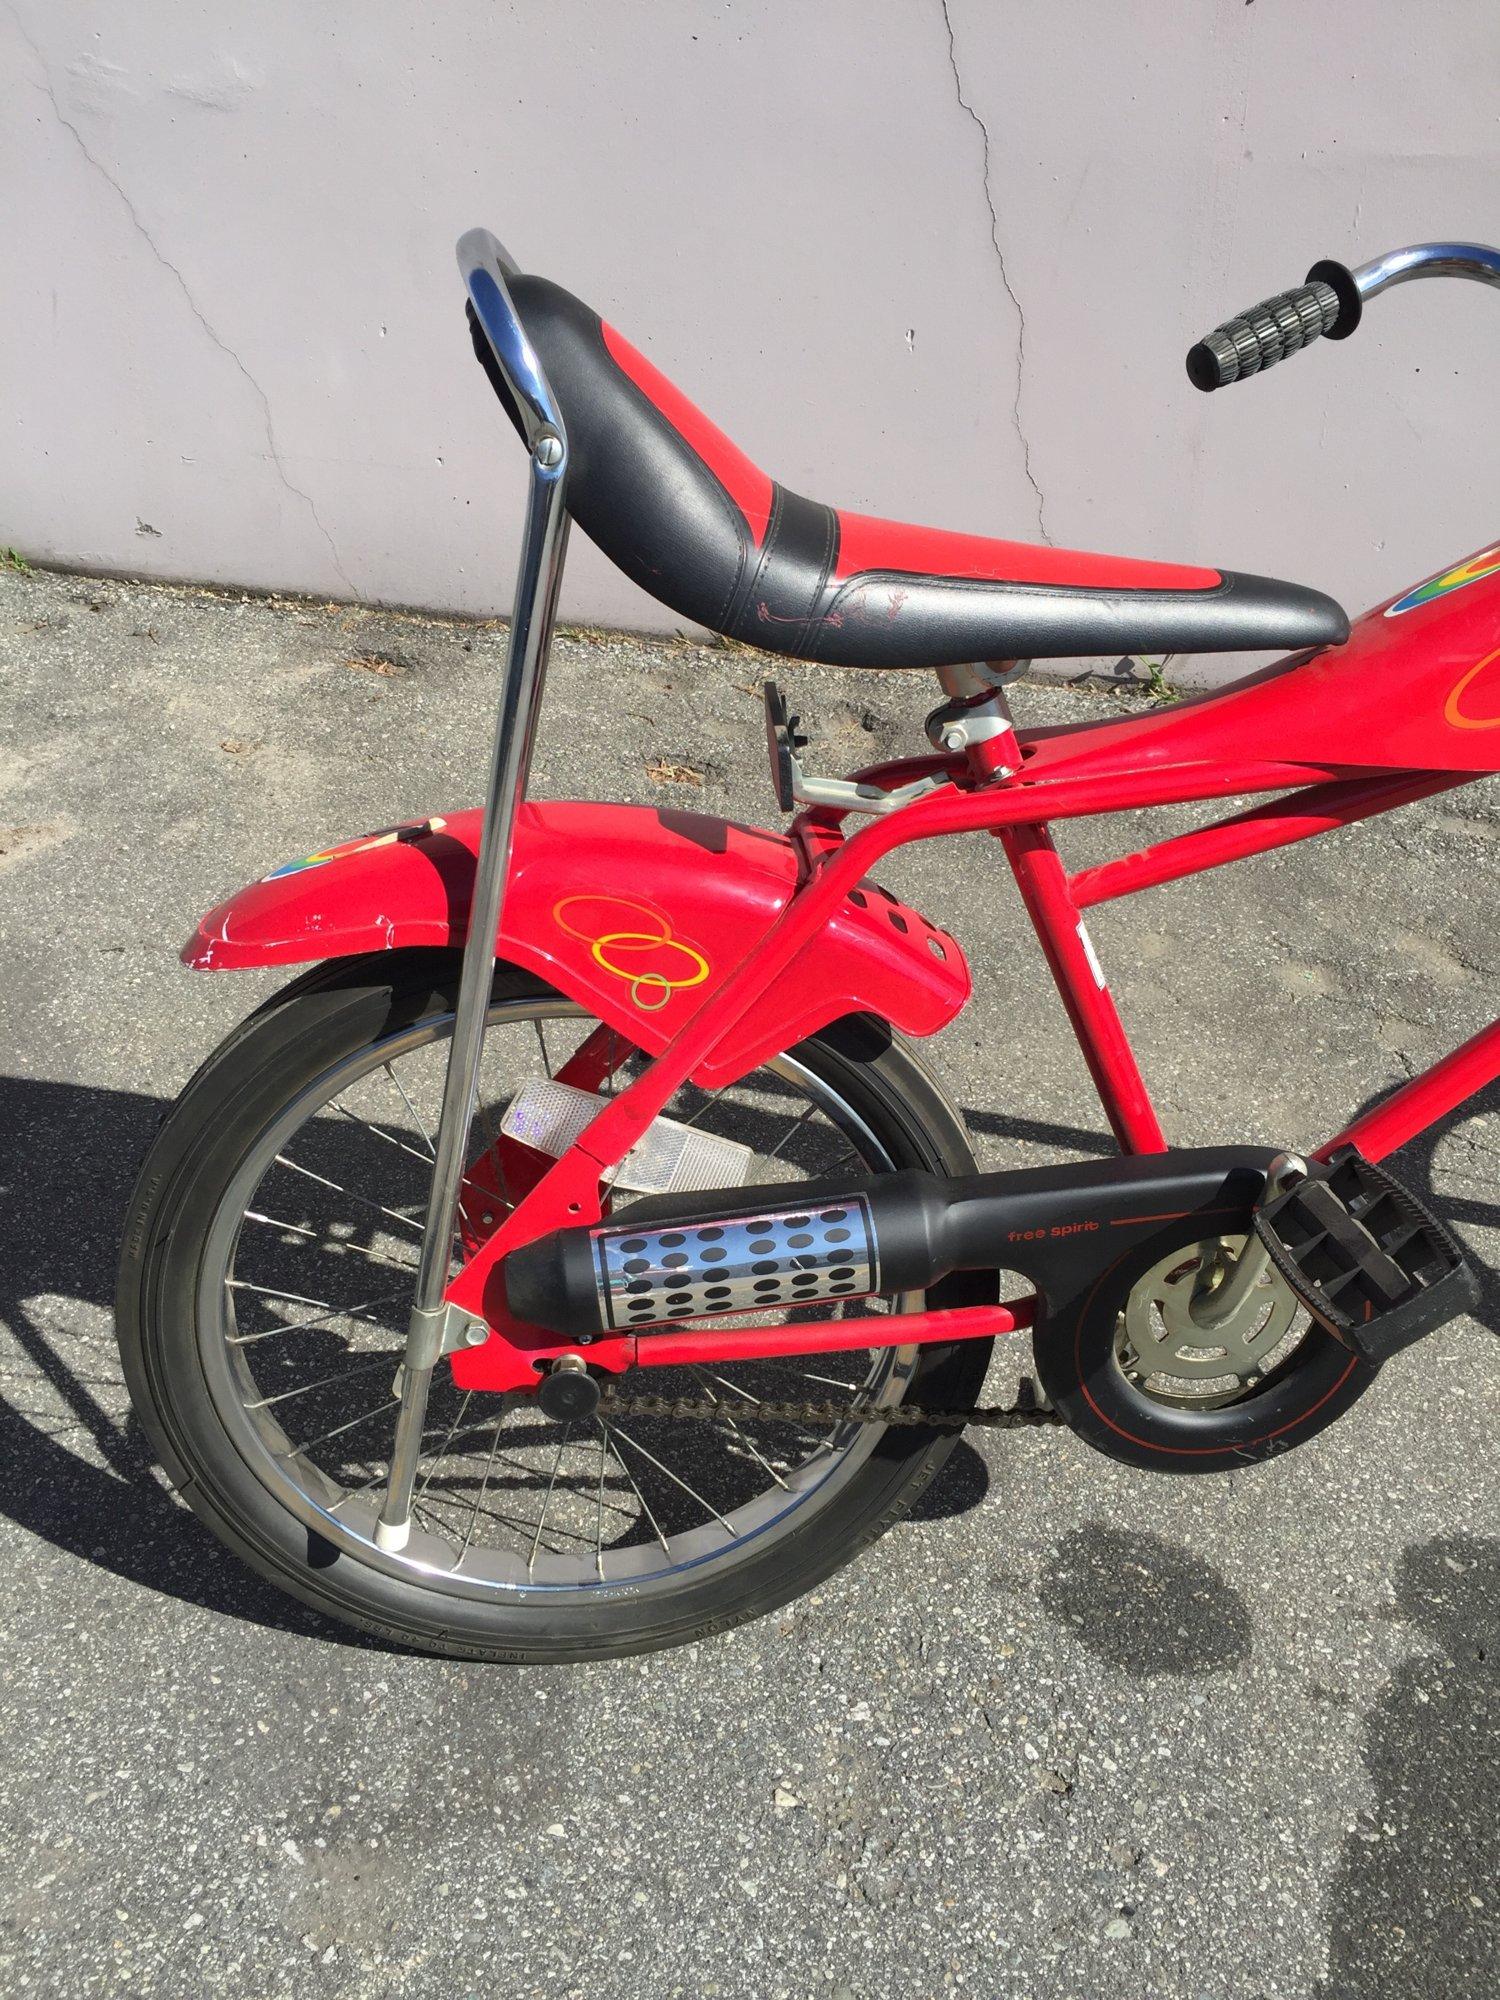 Bike - Simpsons Sears Chopper Bicycle Original  2.jpg